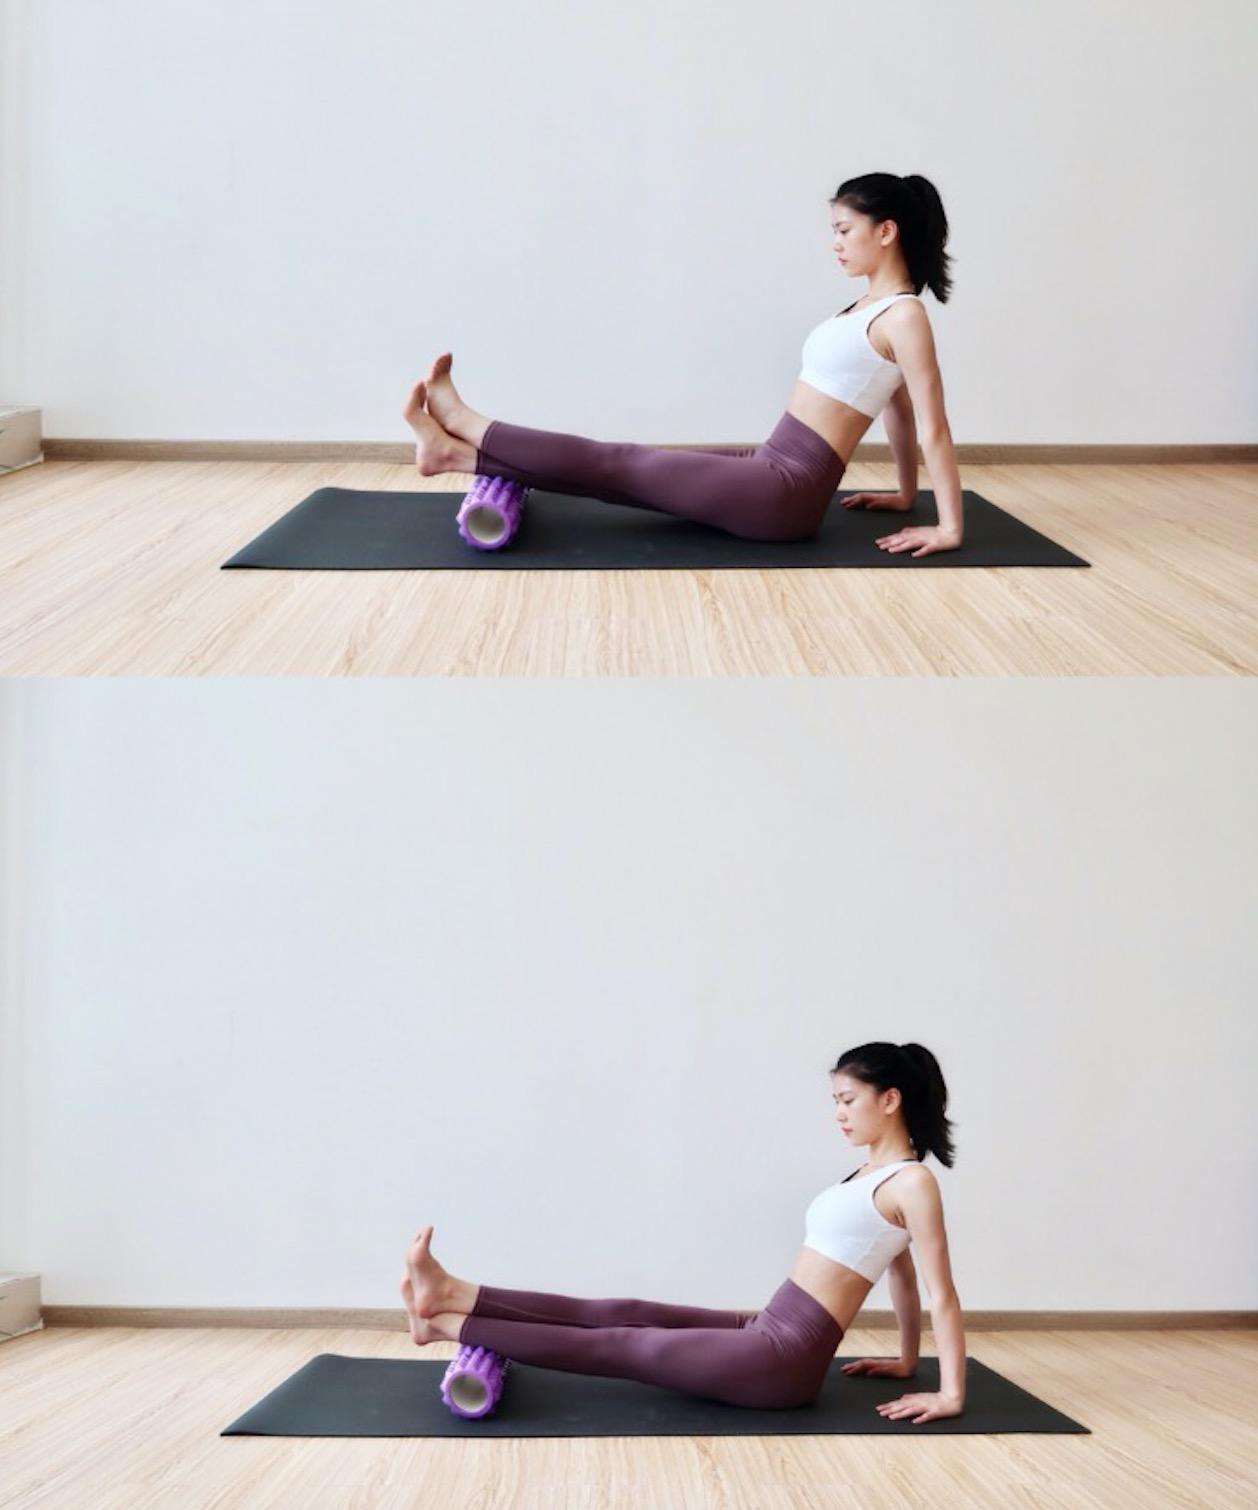 想要瘦小腿可以用瑜伽柱滾壓放鬆,前後左右各個方向滾壓